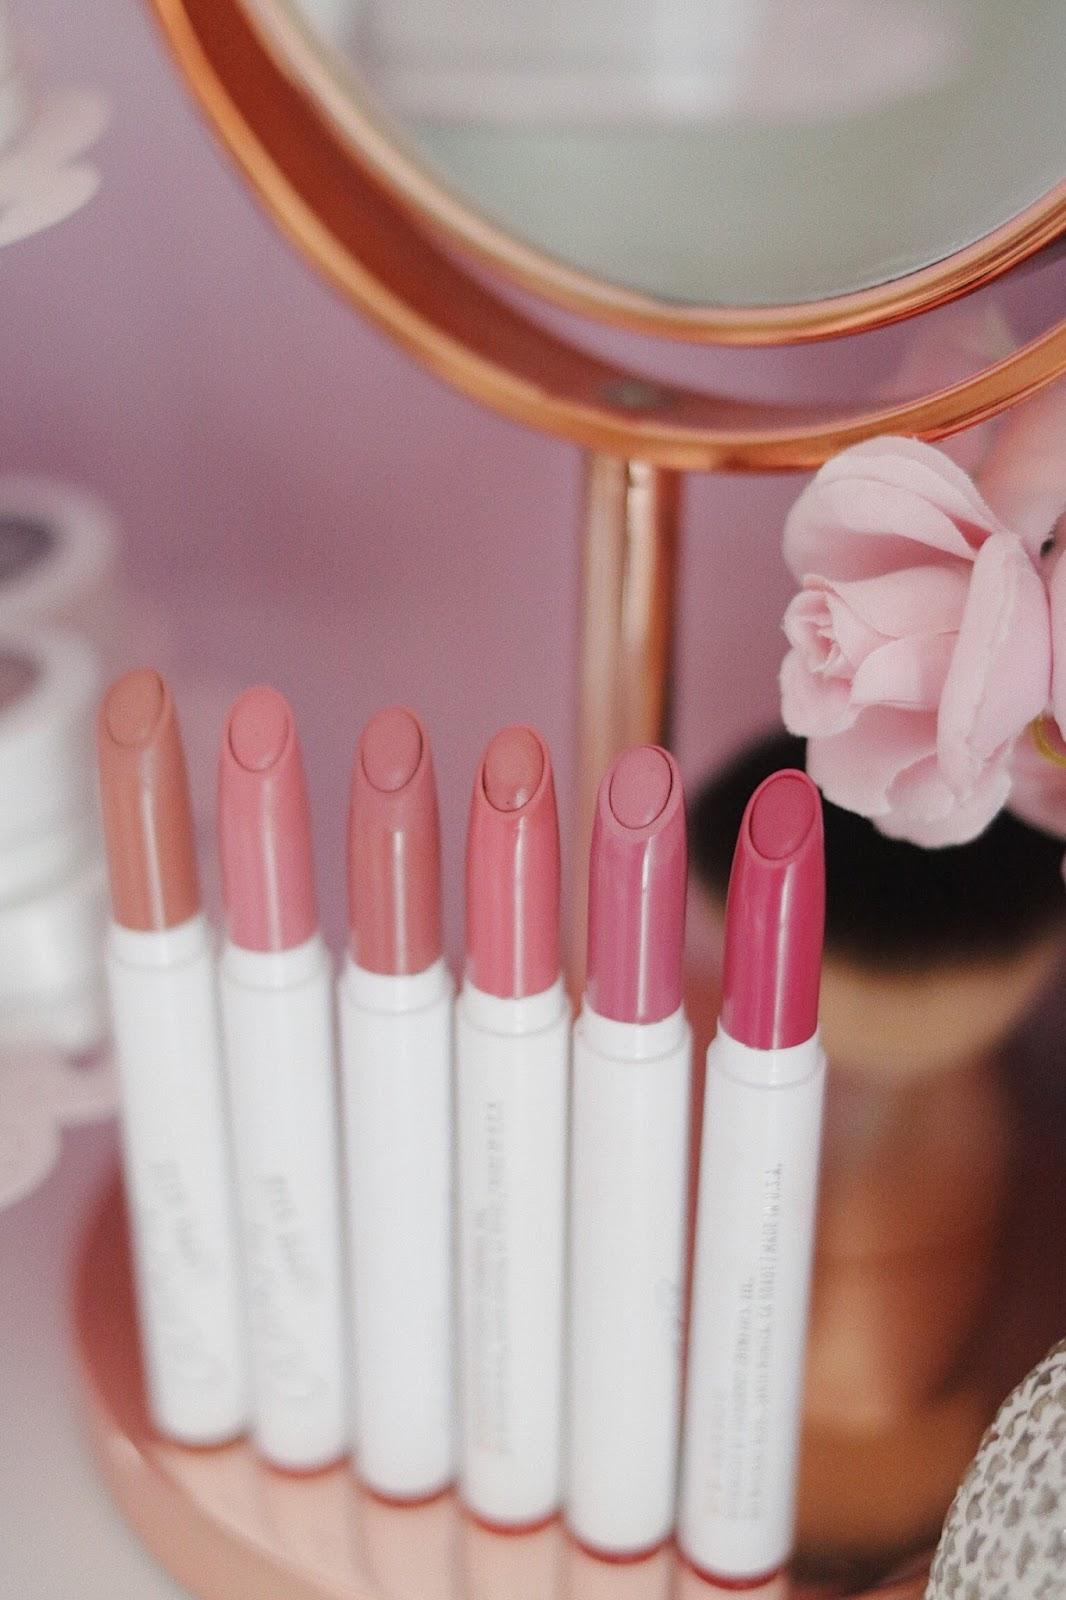 colourpop , OVER BRUNCH ,  lippie stix , revue, avis swatch , mirror mirror , faded , cami , payton , rooftop , parker , avis , revue , blog beauté , paris , beauté, rouges à lèvres ,rosemademoiselle , rose mademoiselle ,